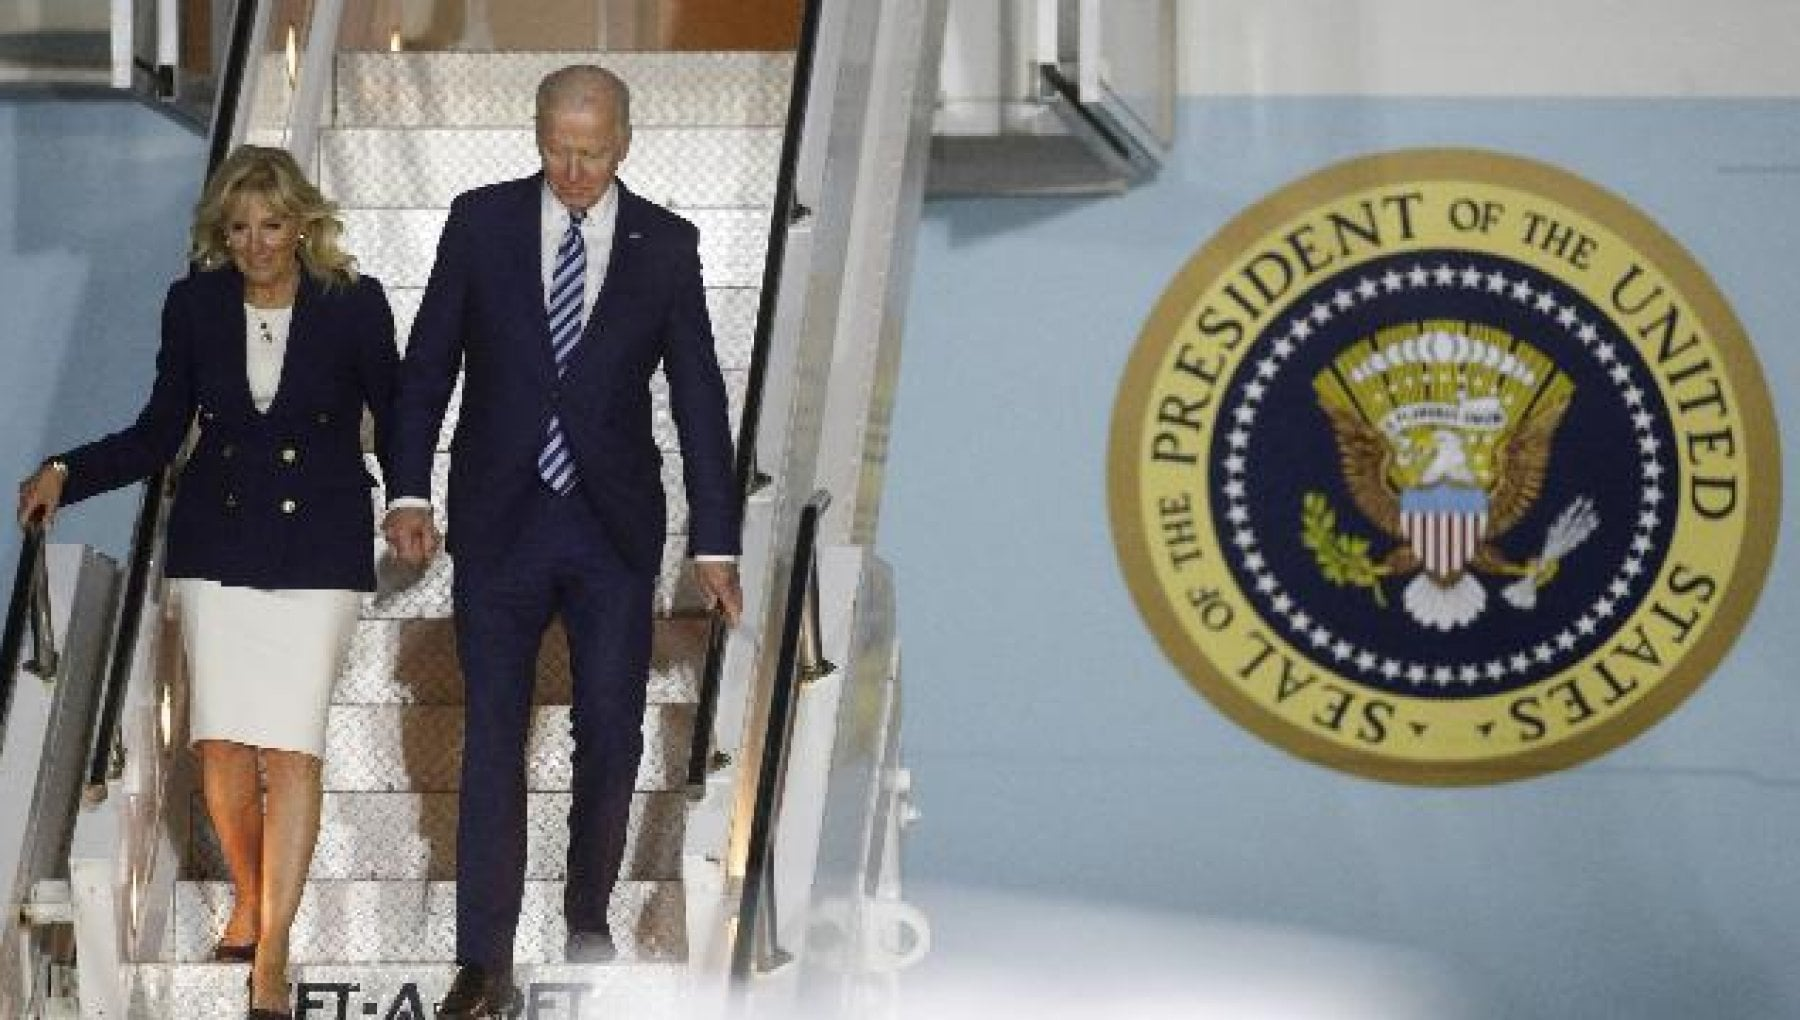 """111711651 826aedc8 f93b 4354 b6e6 d8db4900aa07 - Il viaggio """"storico"""" di Biden in Europa per rilanciare l'Occidente e le democrazie liberali"""